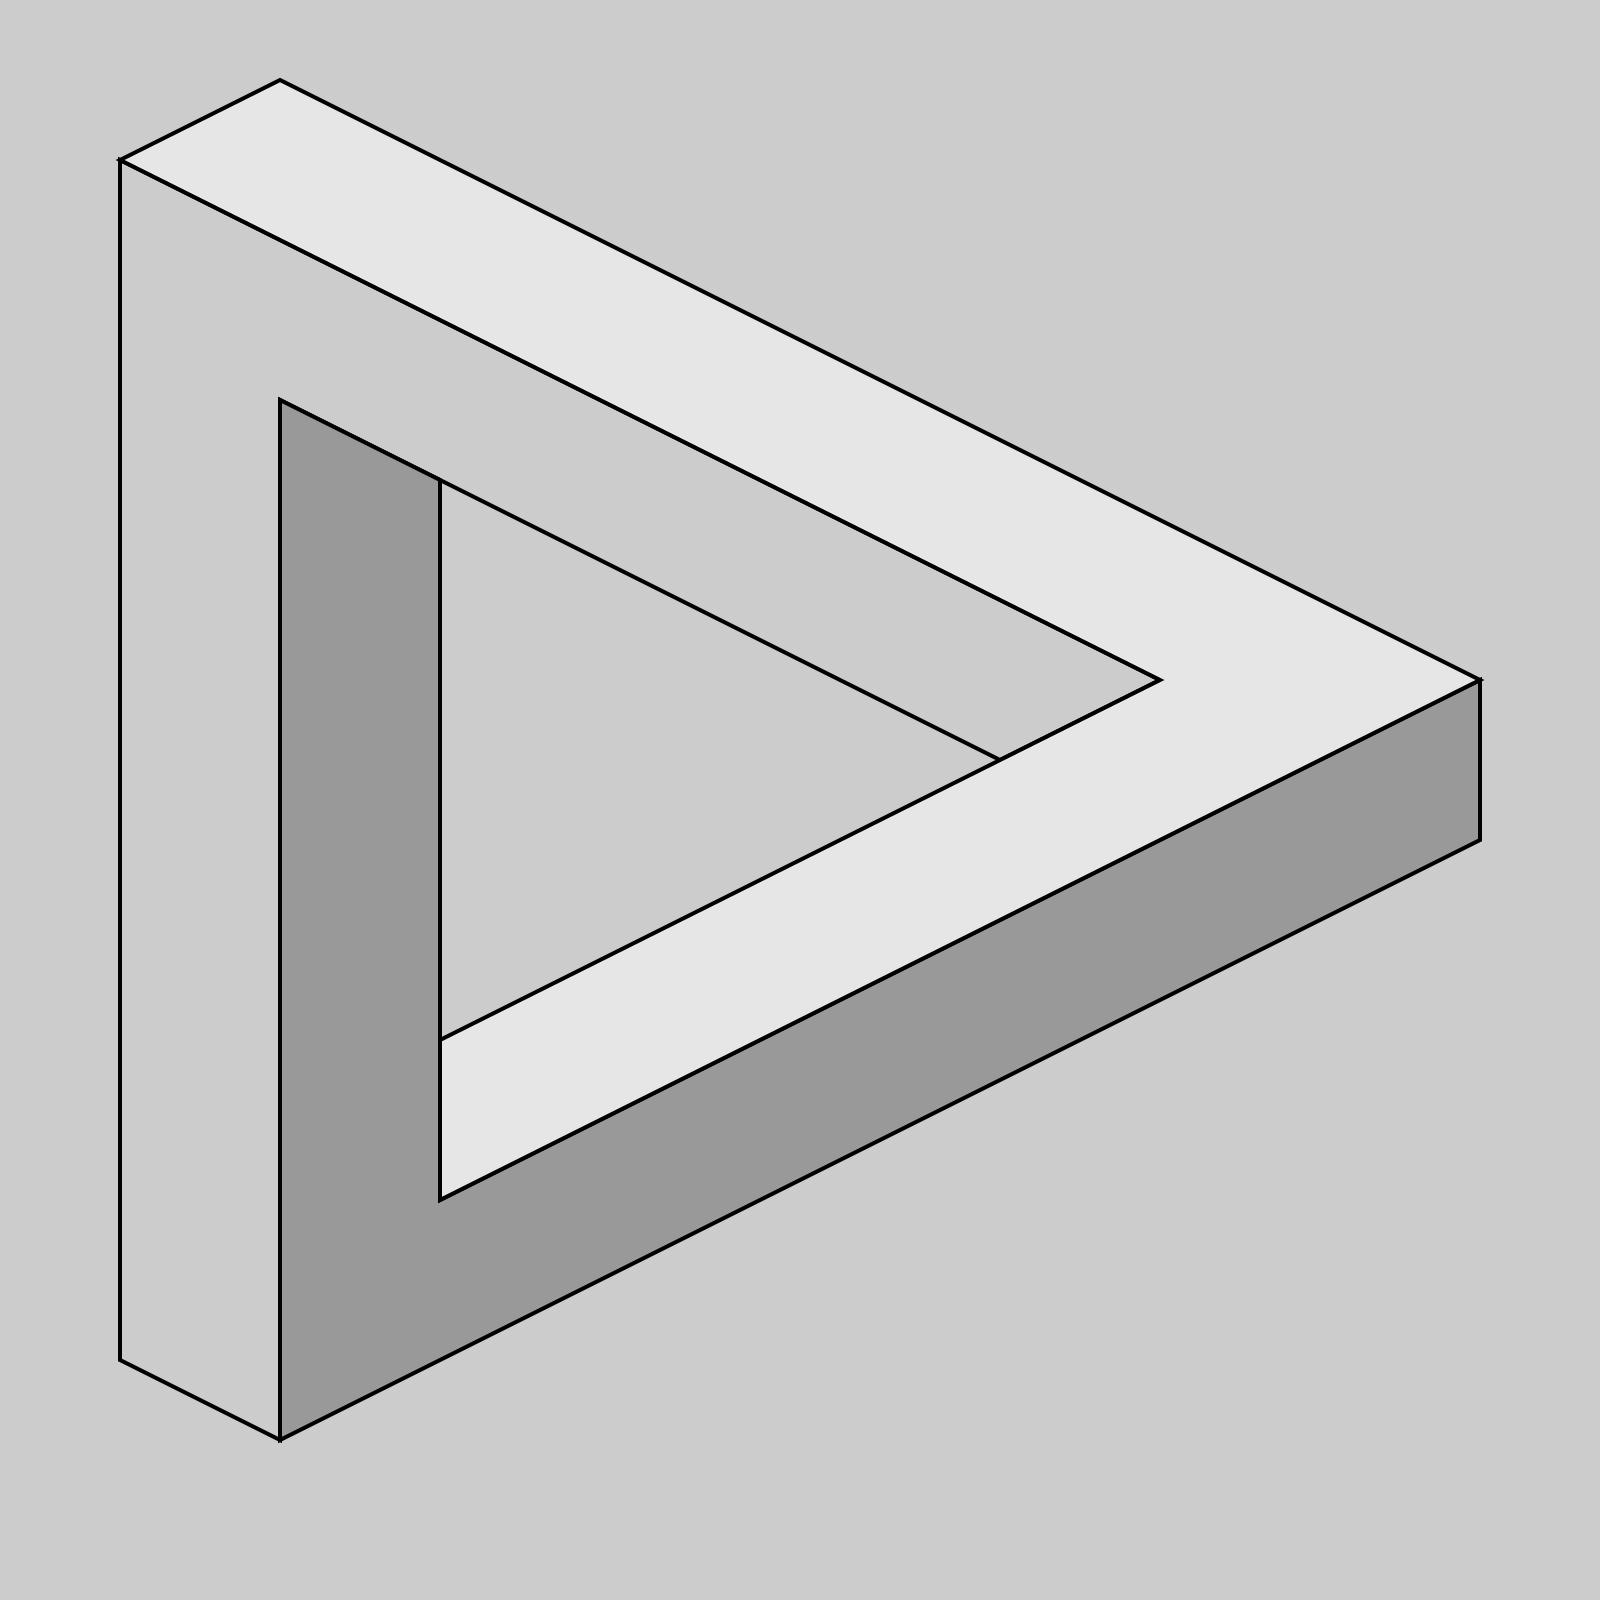 Blue Triangle 2 SVG Clip arts